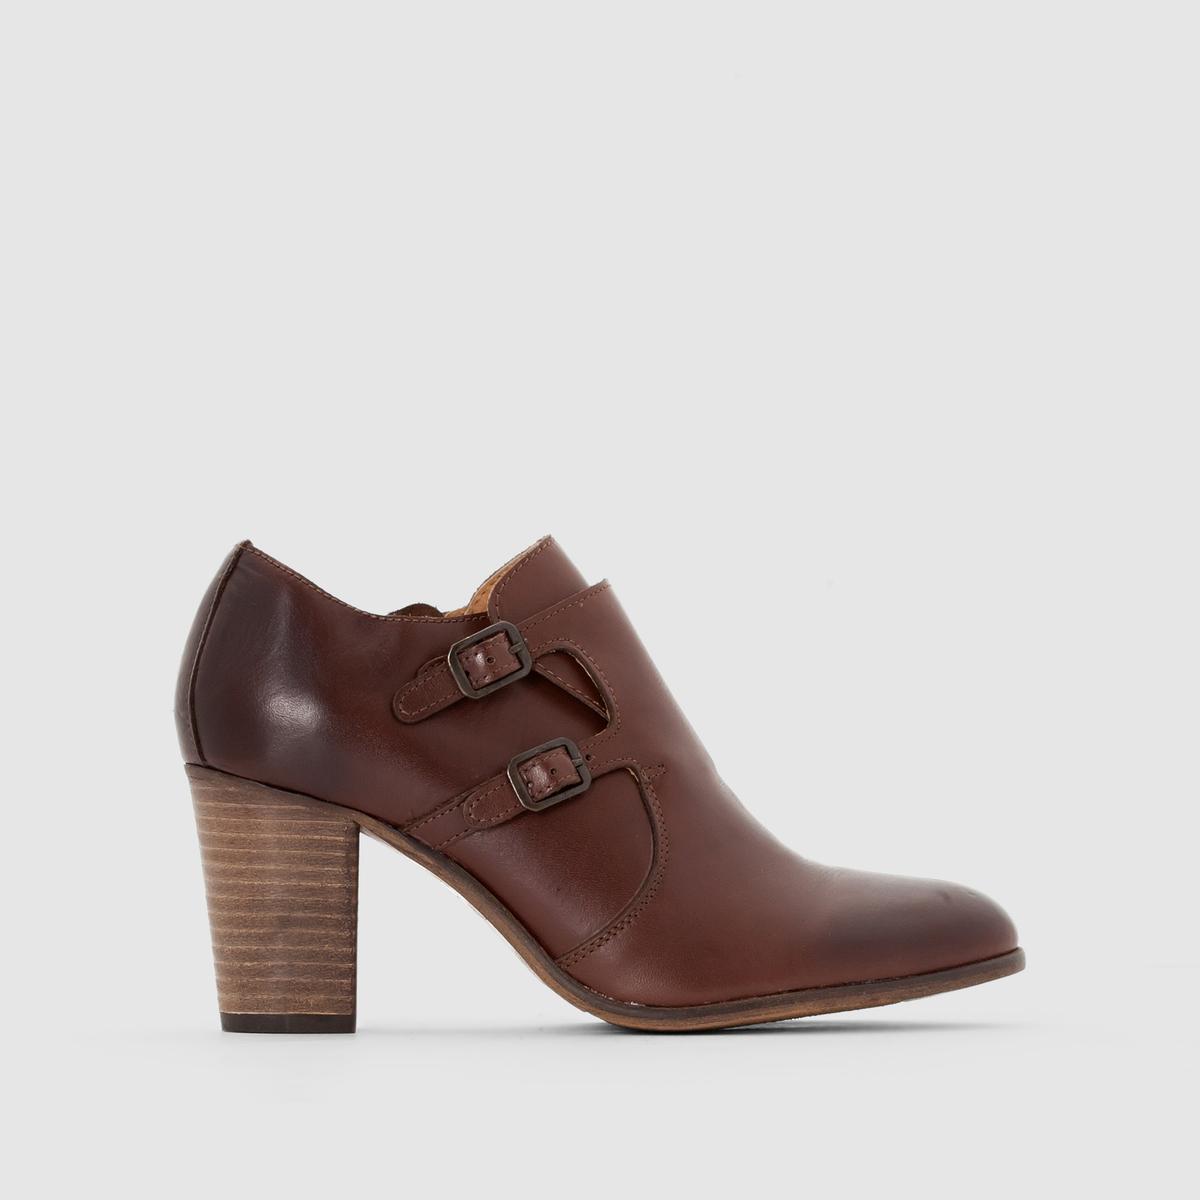 Ботинки-дерби кожаные на каблуке и с клапаном DailymocВерх/ Голенище: Кожа          Подкладка: Неотделанная кожа         Стелька: Неотделанная кожа         Подошва: Неолит         Высота каблука: Высокий (7 - 9 см)         Высота каблука: 5 см         Застежка: На молнии<br><br>Цвет: каштановый,черный